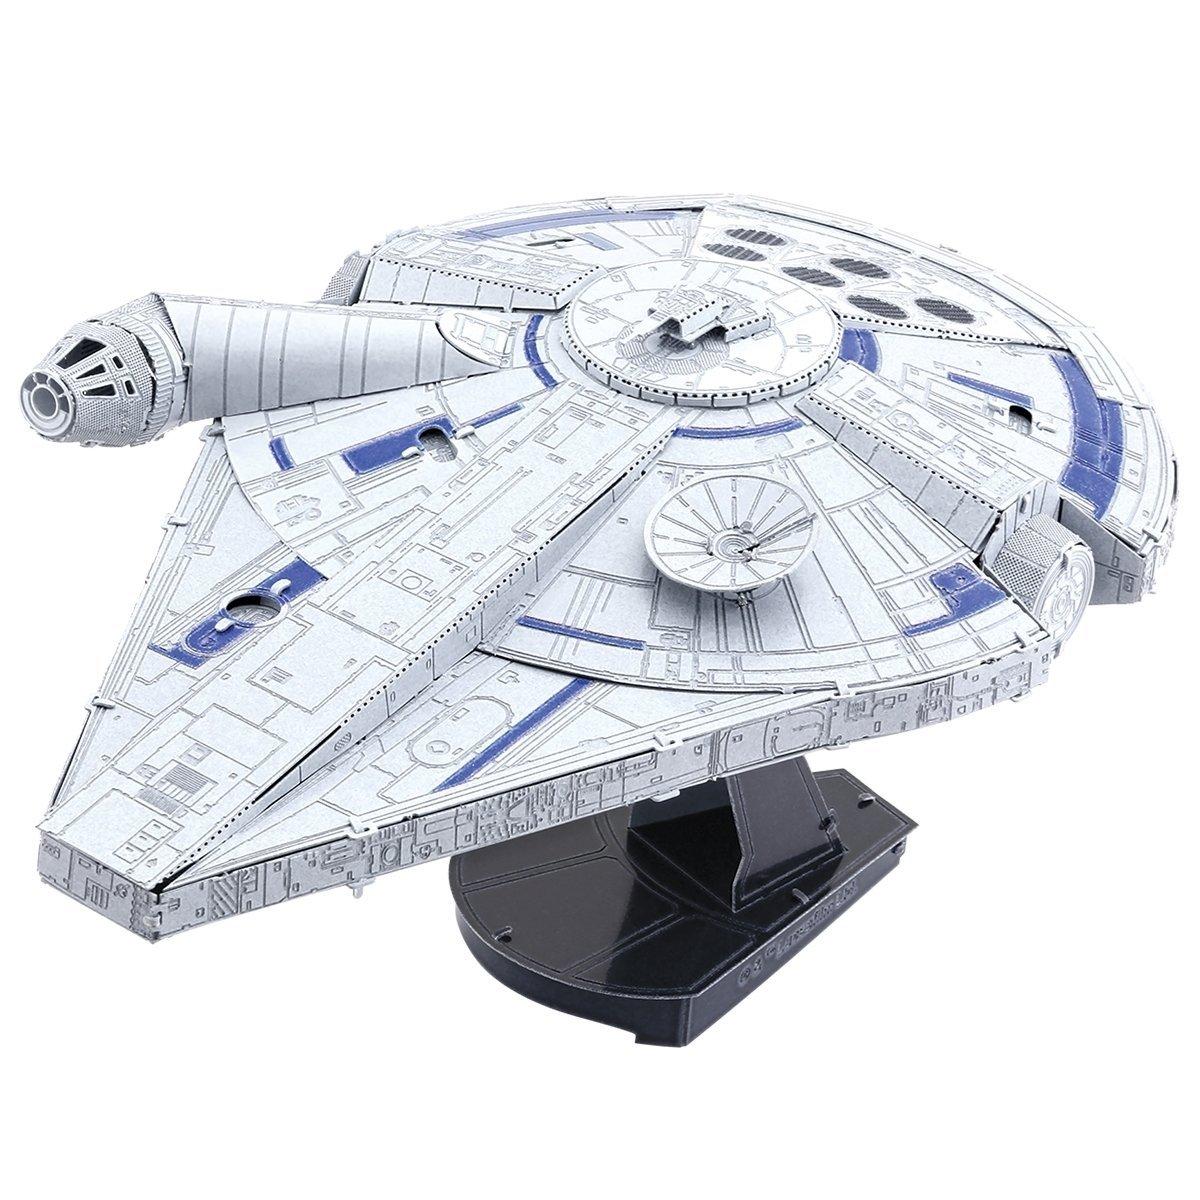 Solo: ASWS Millennium Falcon 3D Metal Model Kit 1